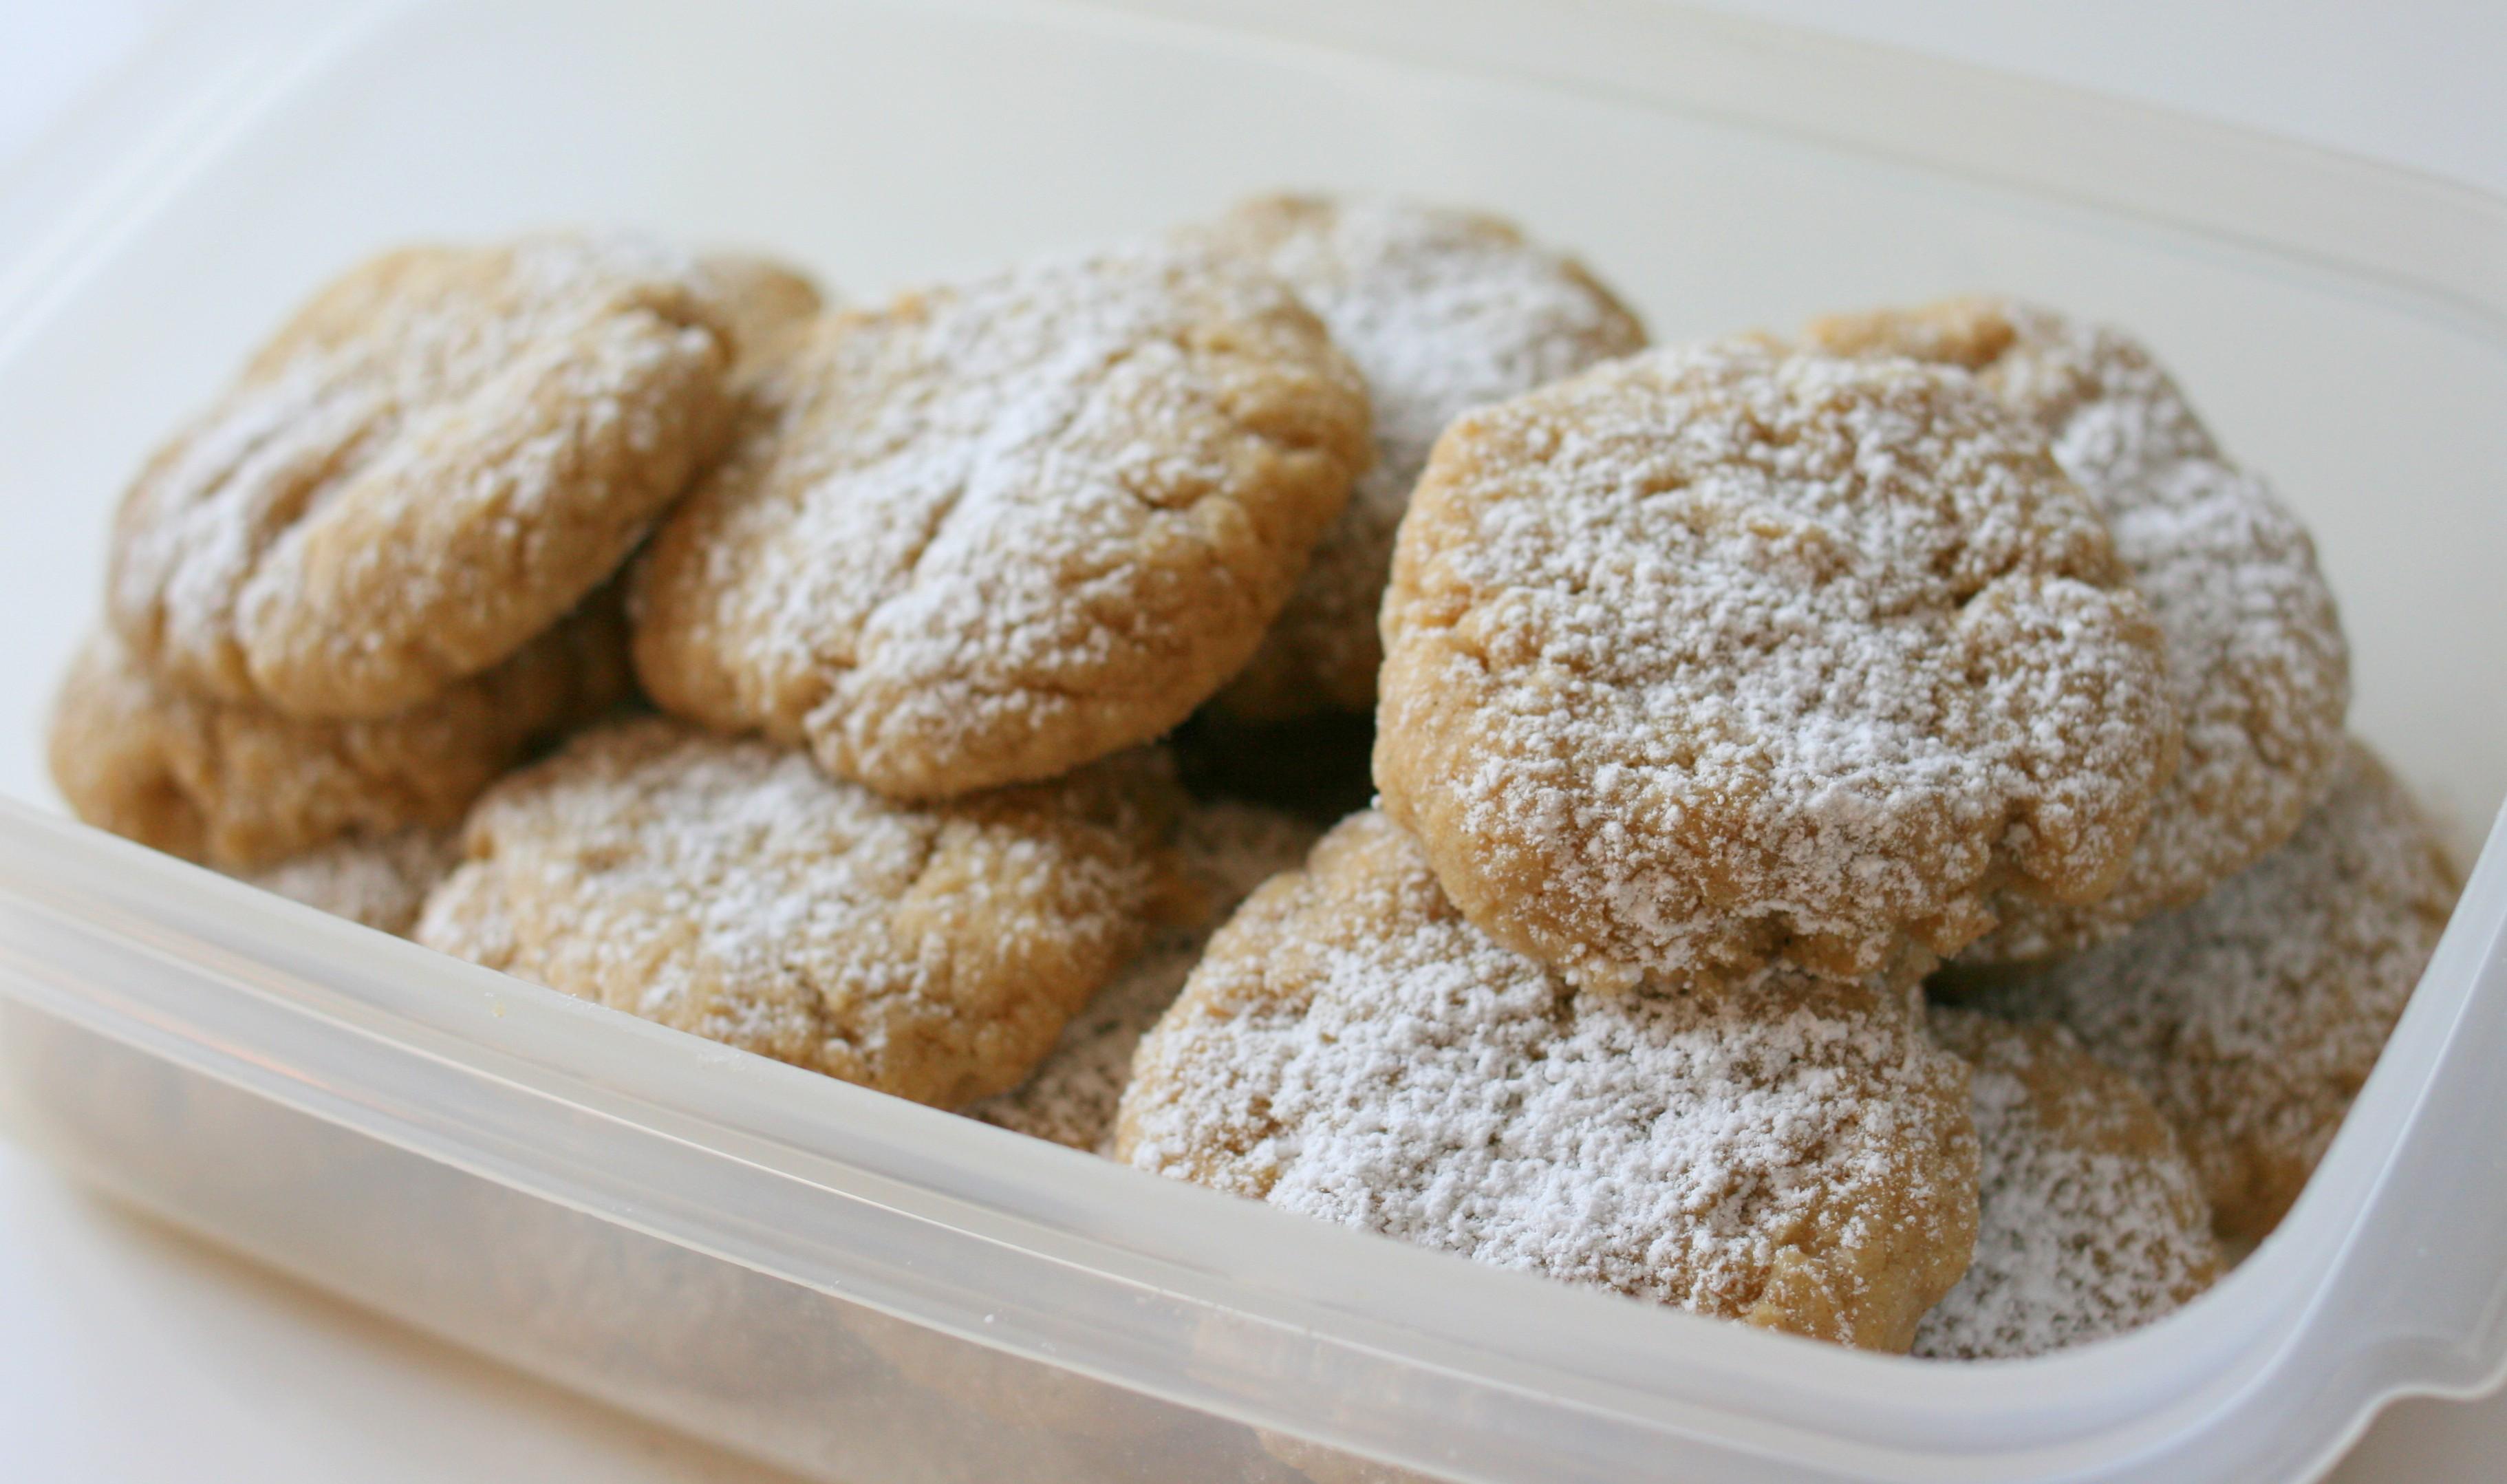 העוגיות לאחר אפייה ובשילוב עם רסק תפוחים לעוגיות רכות יותר.